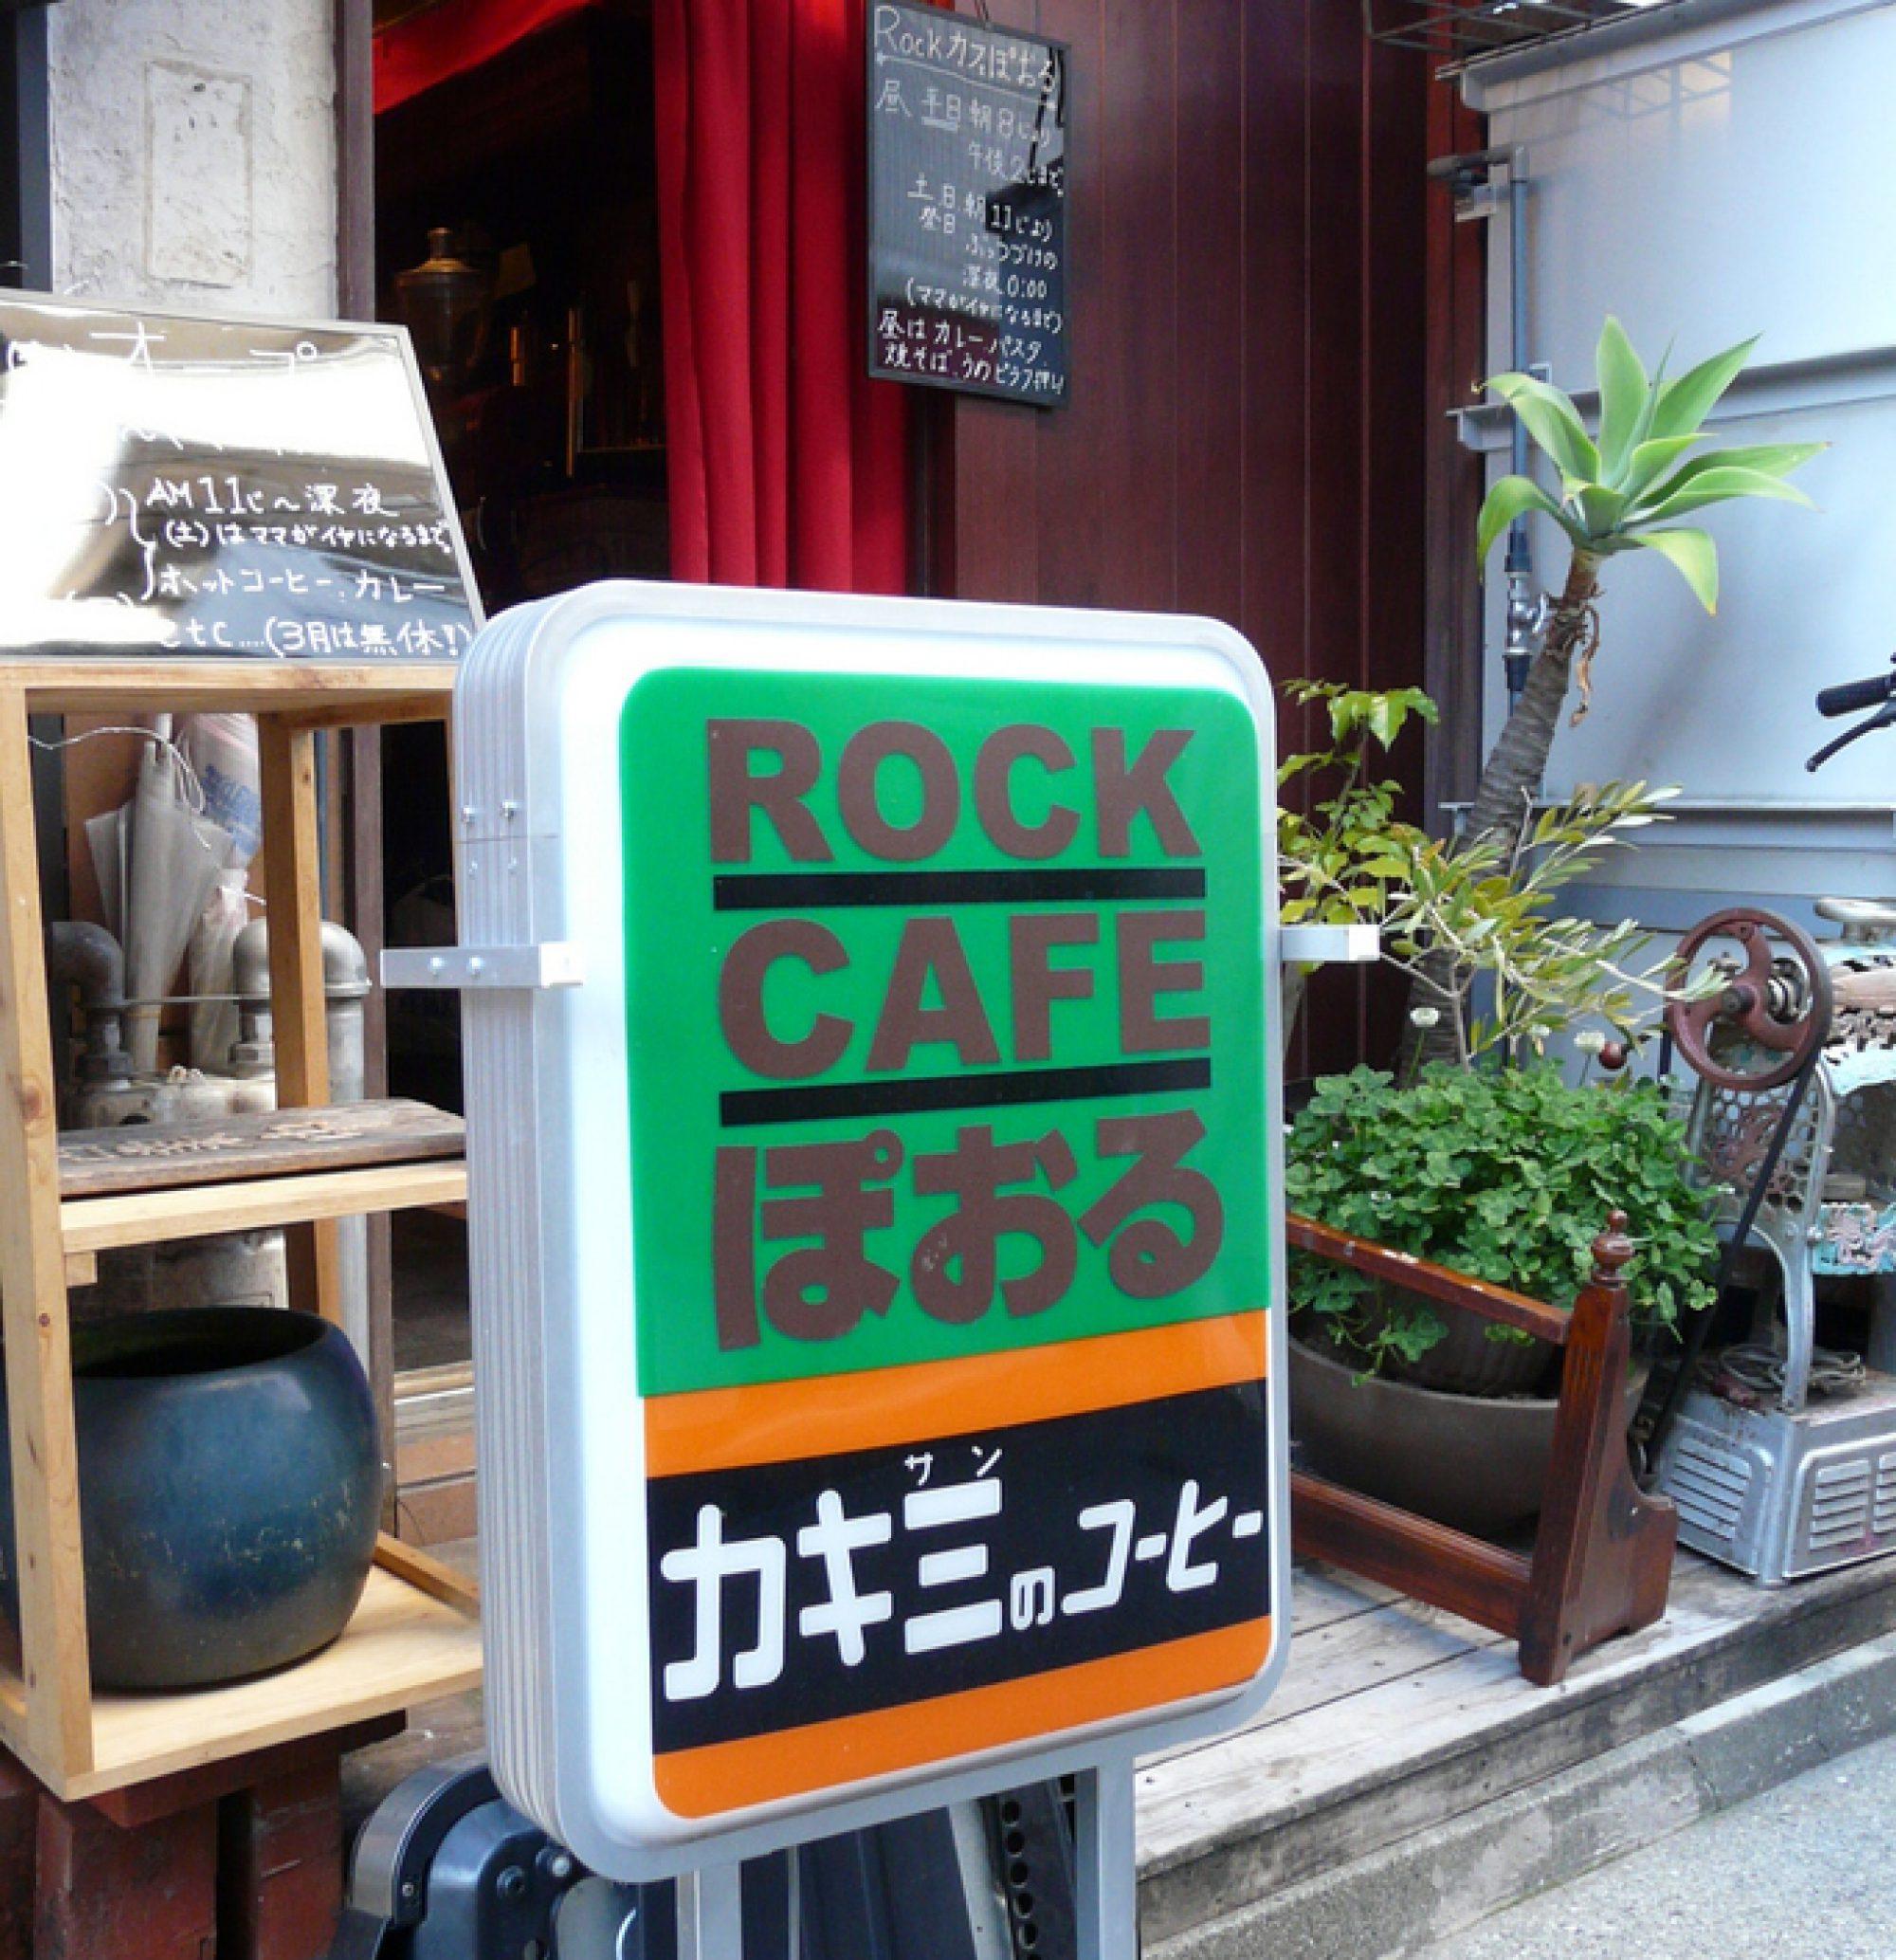 Rockカフェぽおる